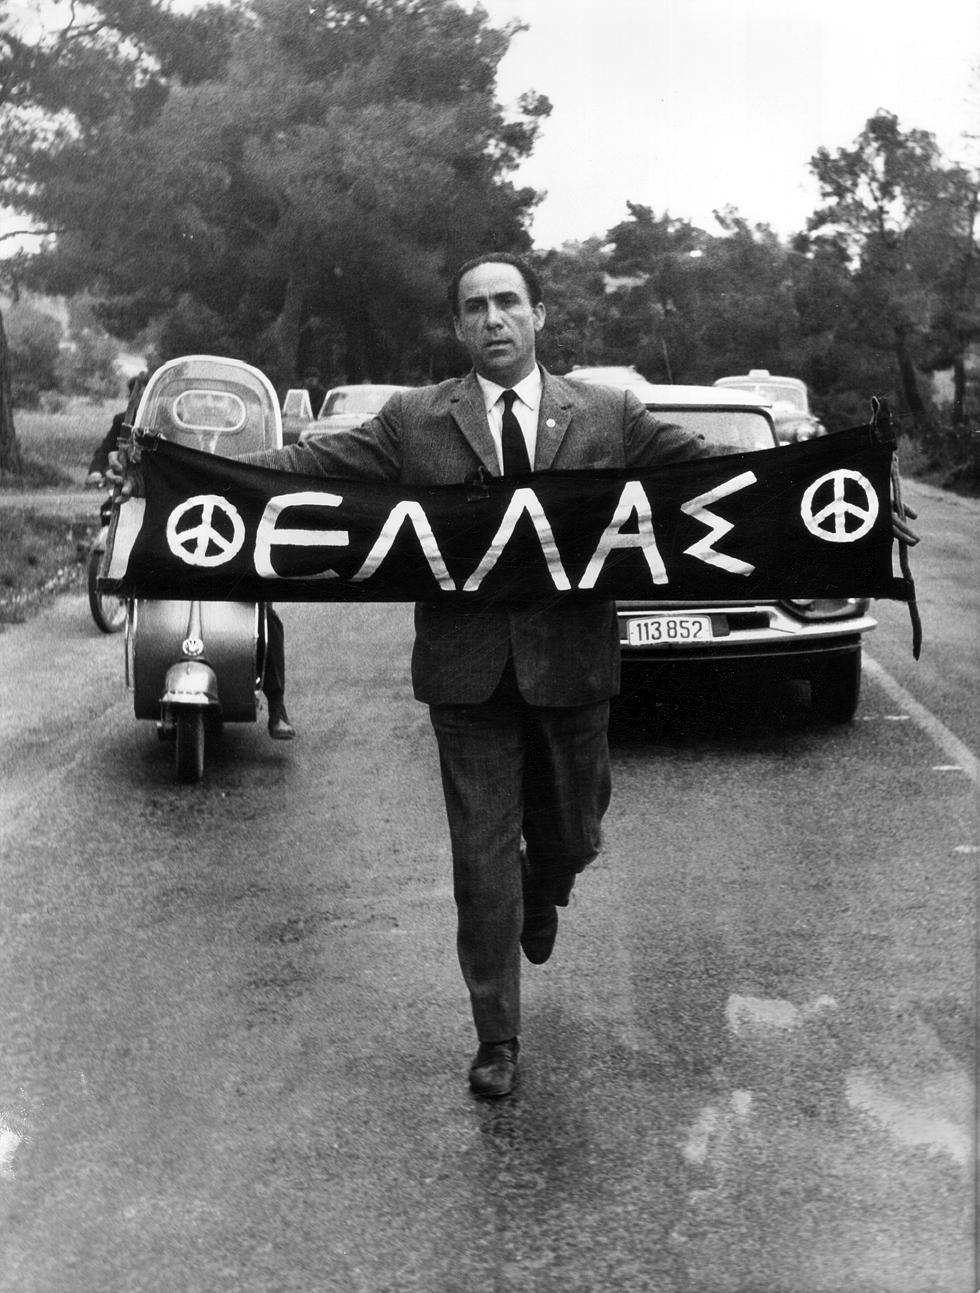 Ο Γρηγόρης Λαμπράκης, πραγματοποιεί τελικά, έστω και με συμβολικό τρόπο, την Πρώτη απαγορευμένη Πορεία Ειρήνης (21 Απριλίου του 1963).